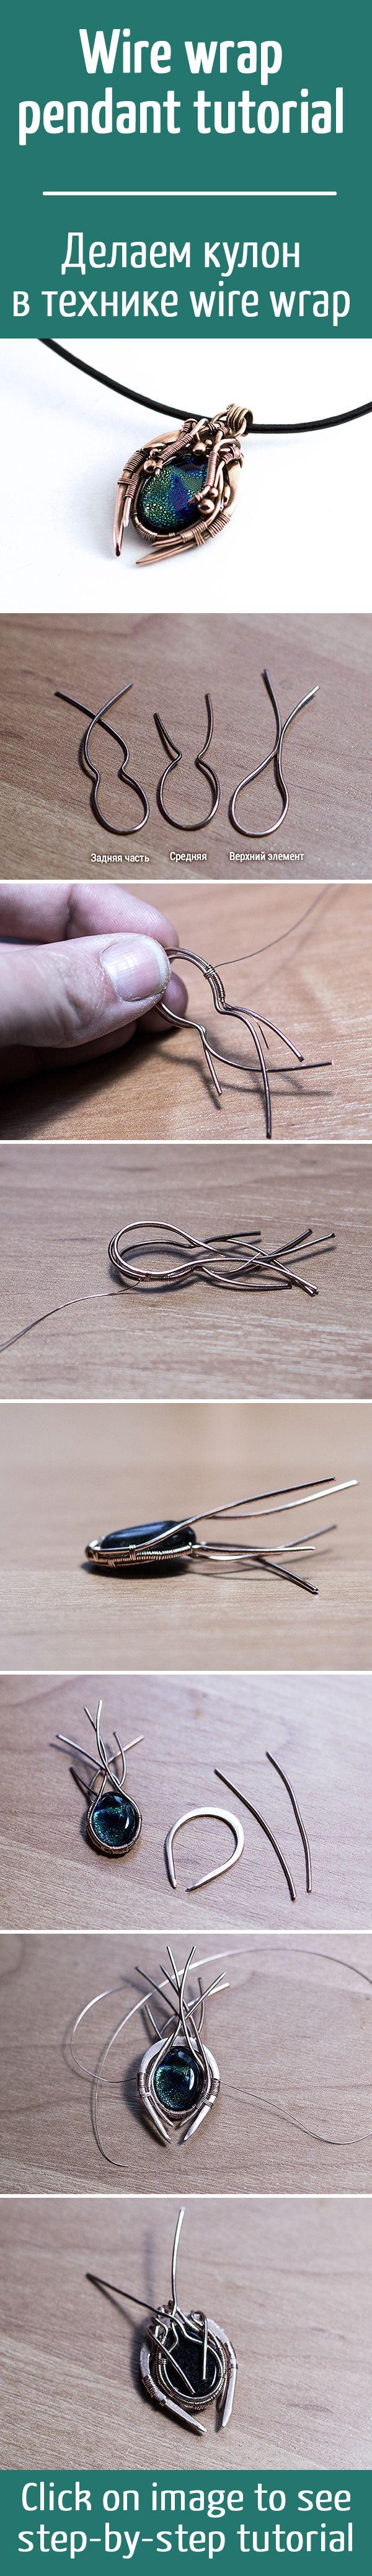 Делаем необычный кулон «Сокровище зергов» в технике Wire Wrap / Wire wrap pendant tutorial